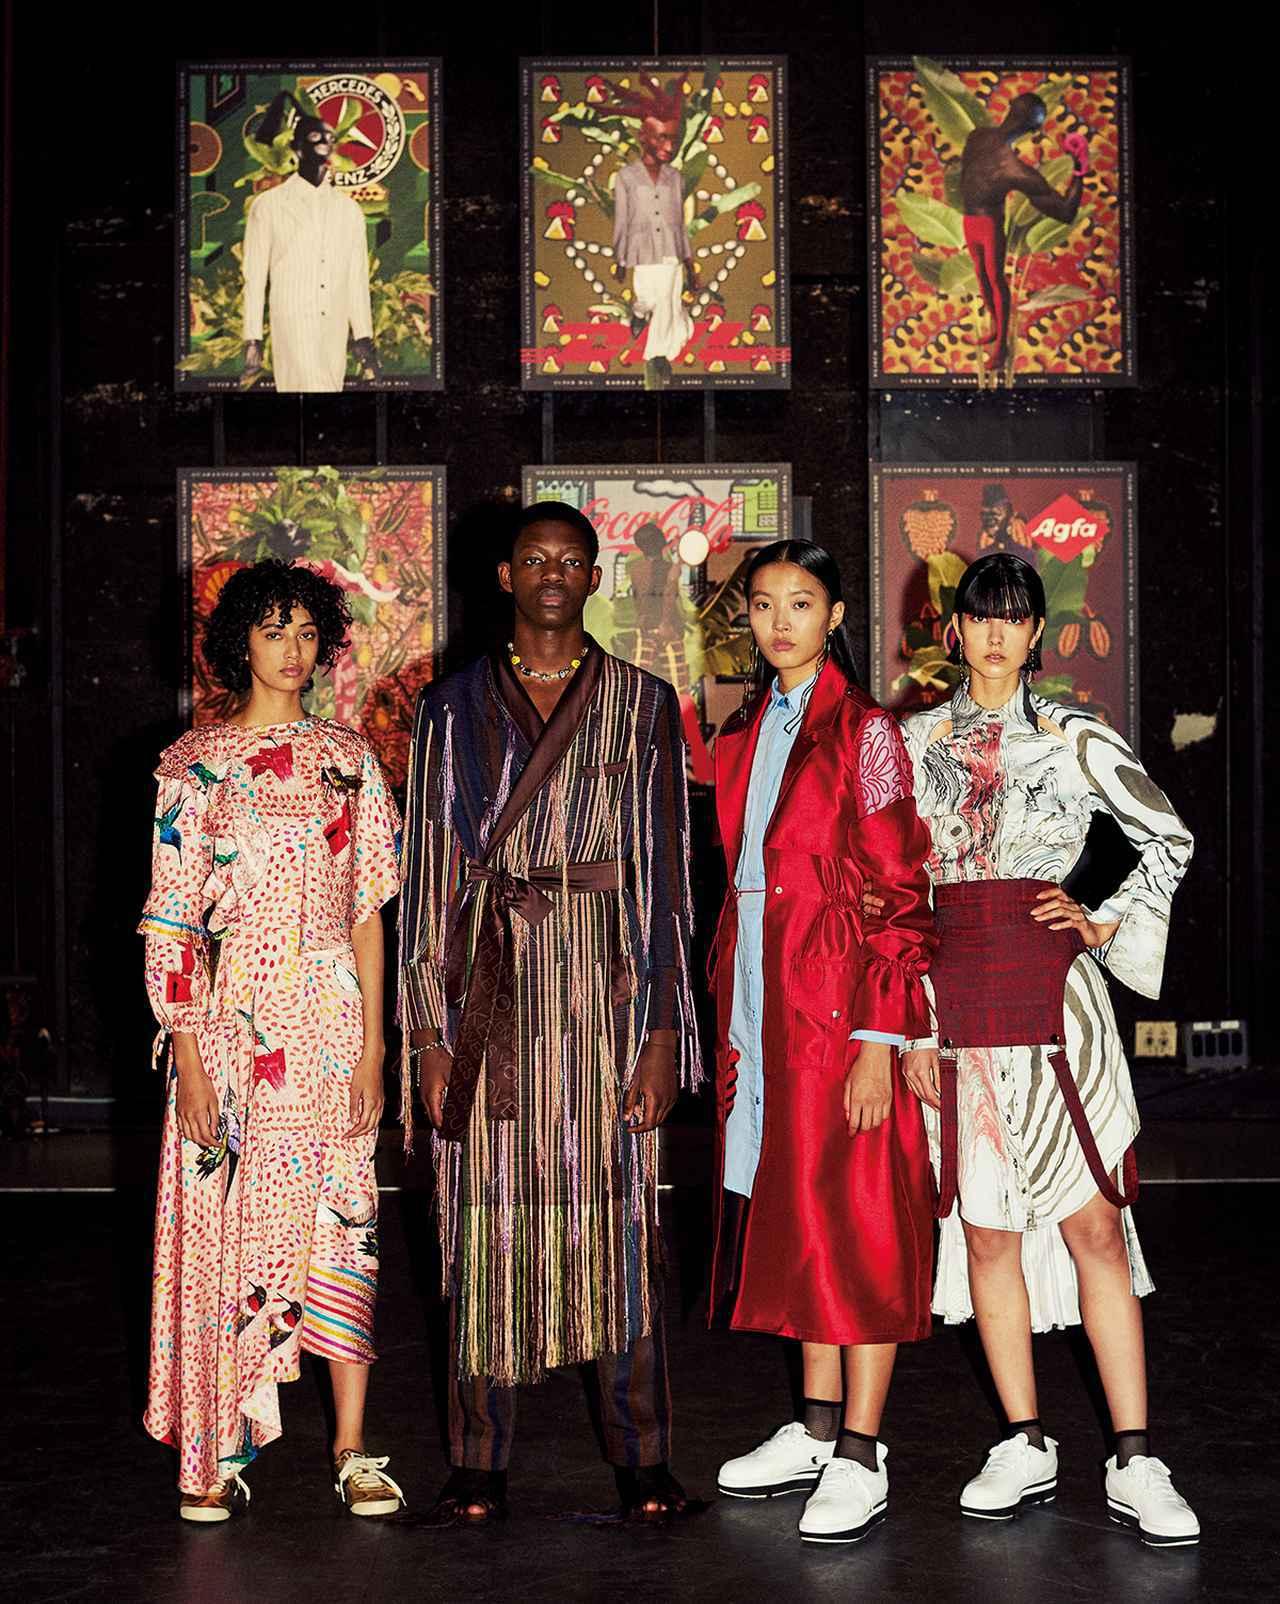 画像: ナイジェリアのアーティスト、カダラ・エニヤシのアート作品の前に立つ、FACE.A-Jに参加したアフリカ人デザイナーの服を身につけたモデルたち。着用ブランドは左からアニャンゴ・ムピンカ、ケネス・イゼ、テベ・マググ(右2体)